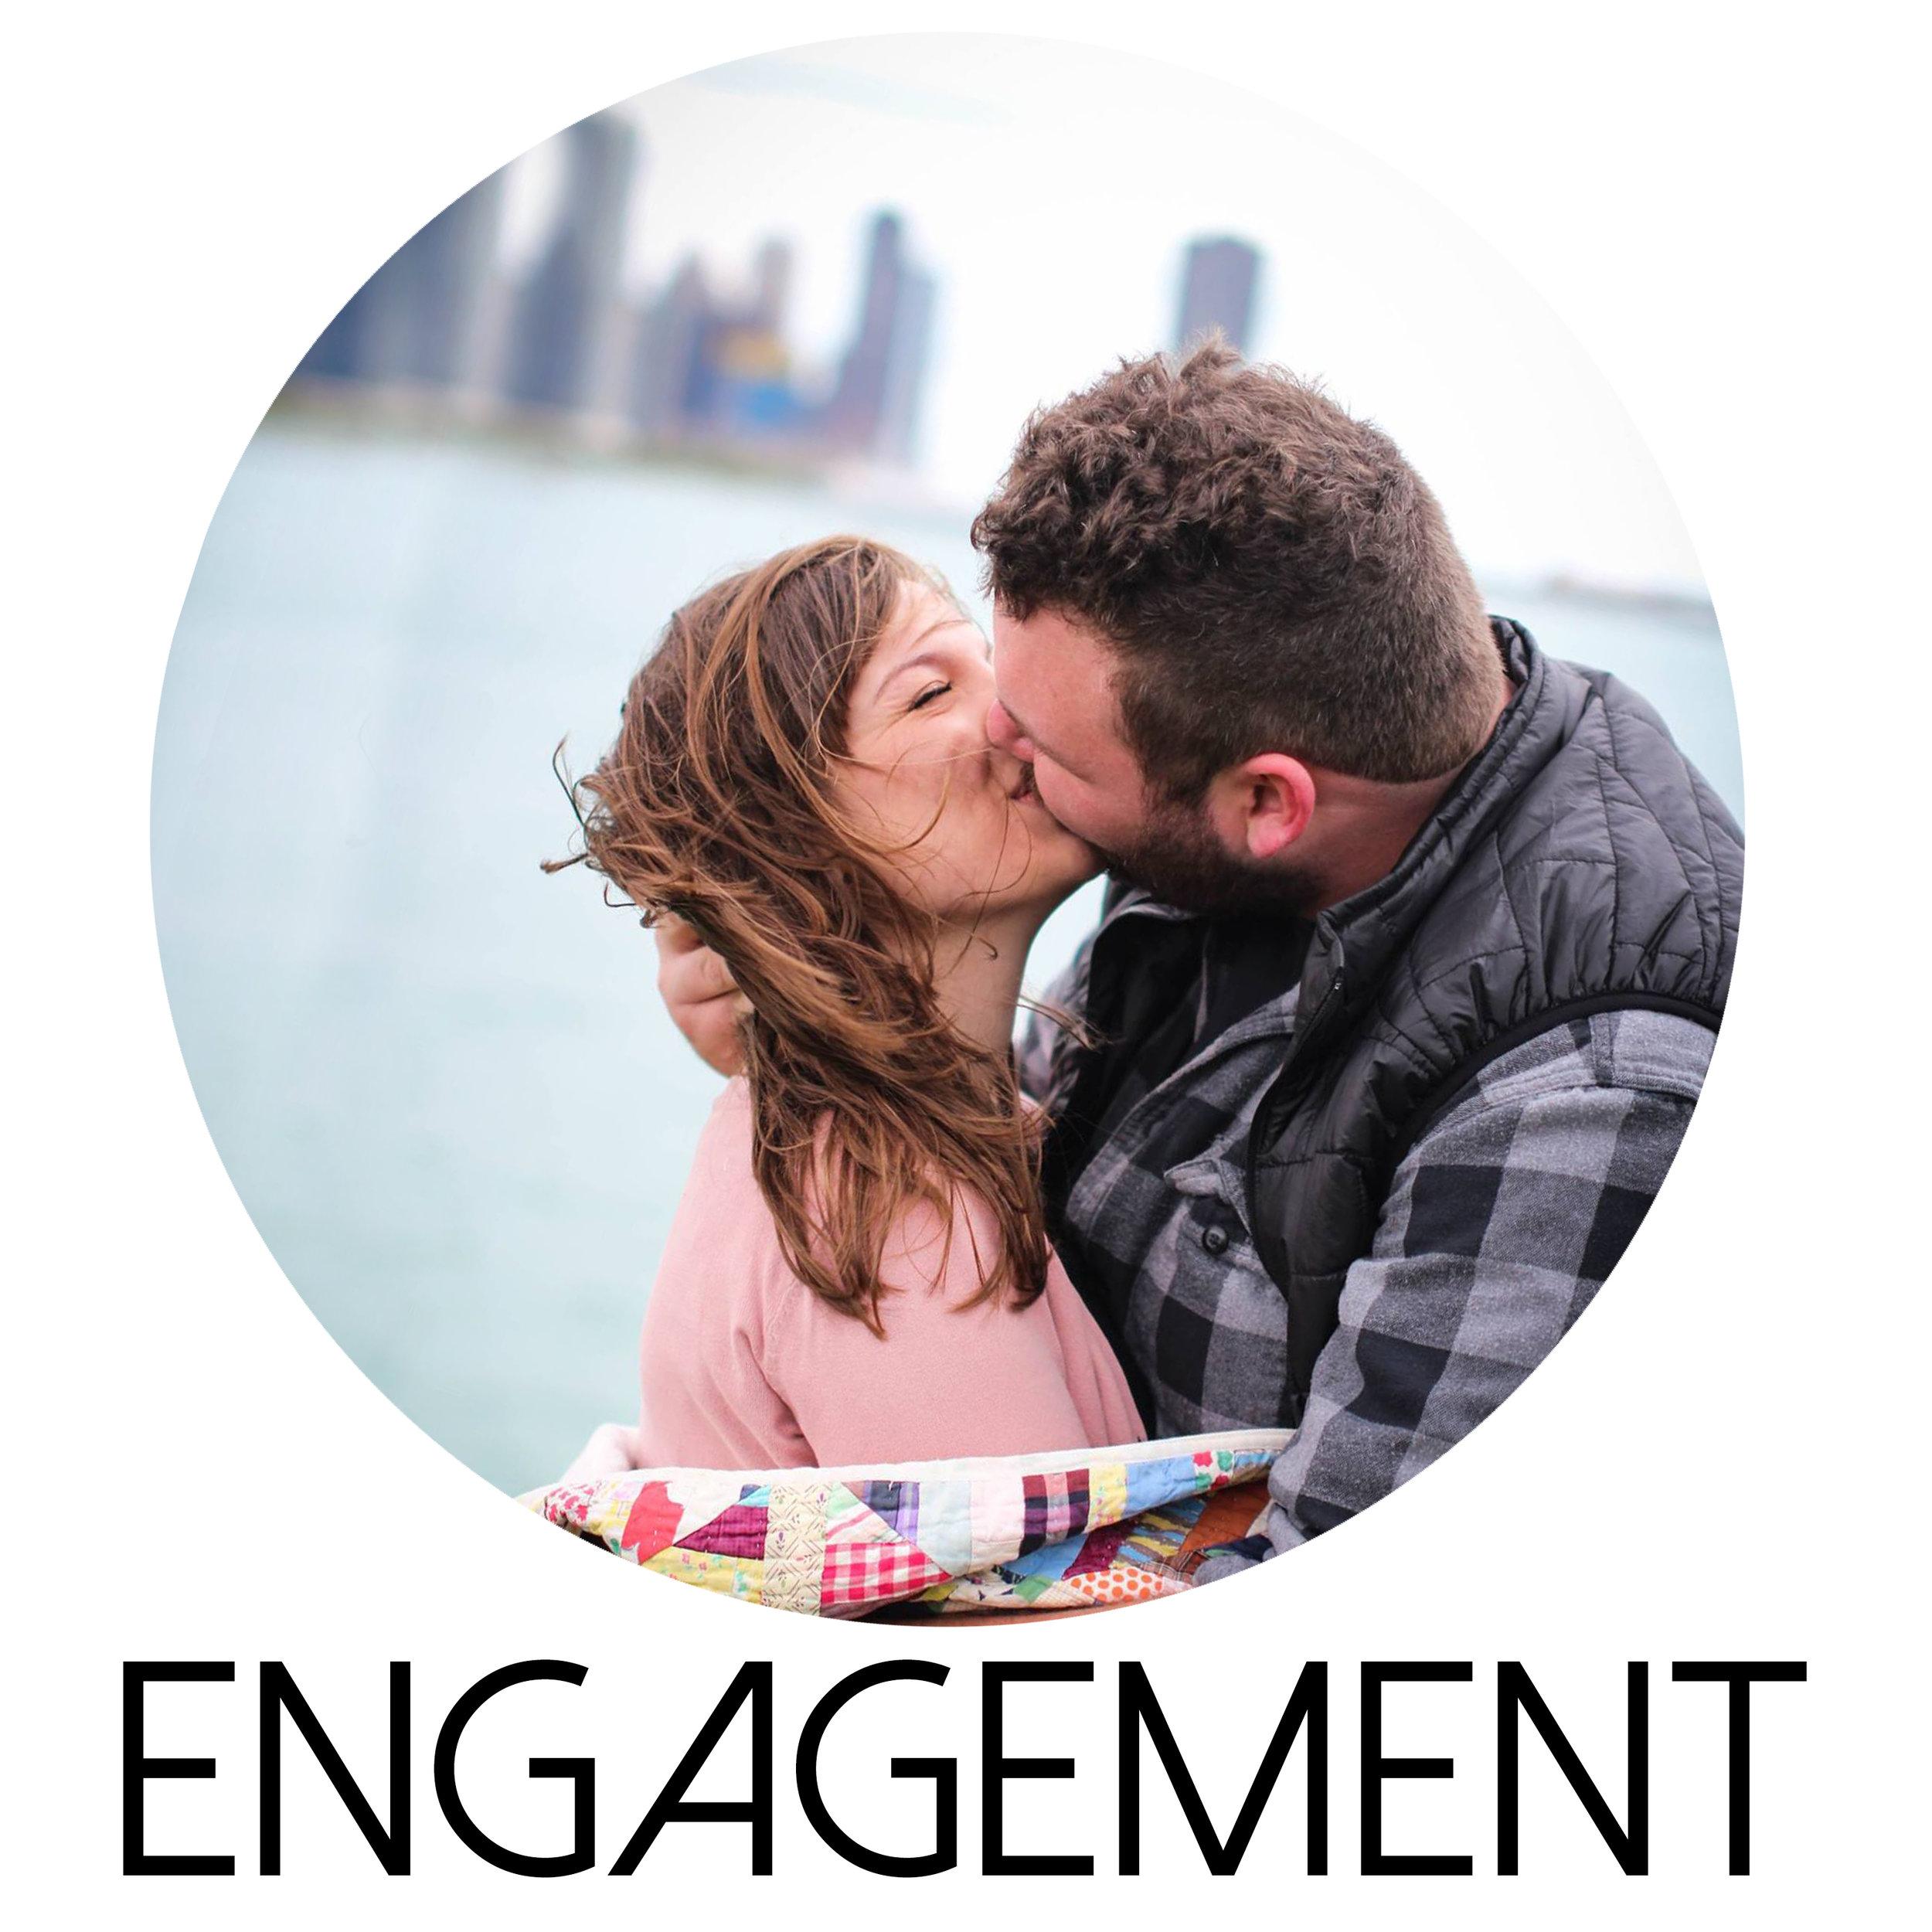 EngagementButton.jpg